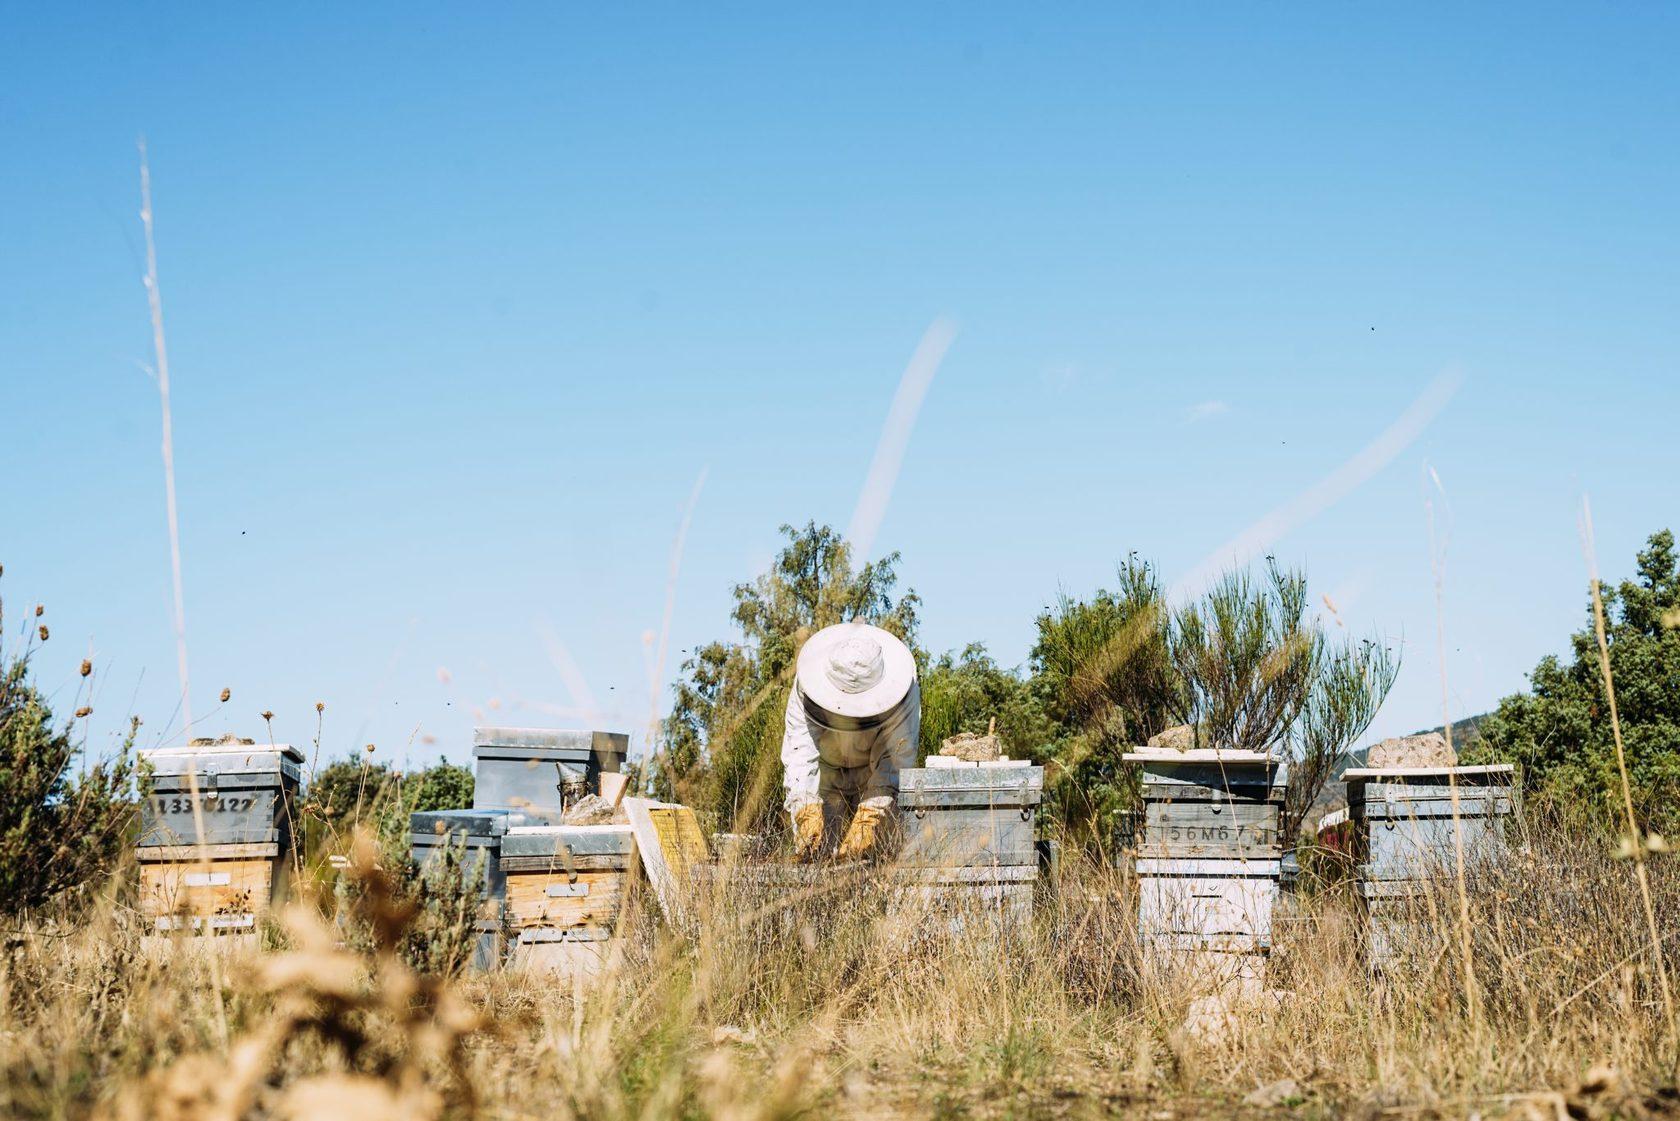 Купить пчелопакет у цебро